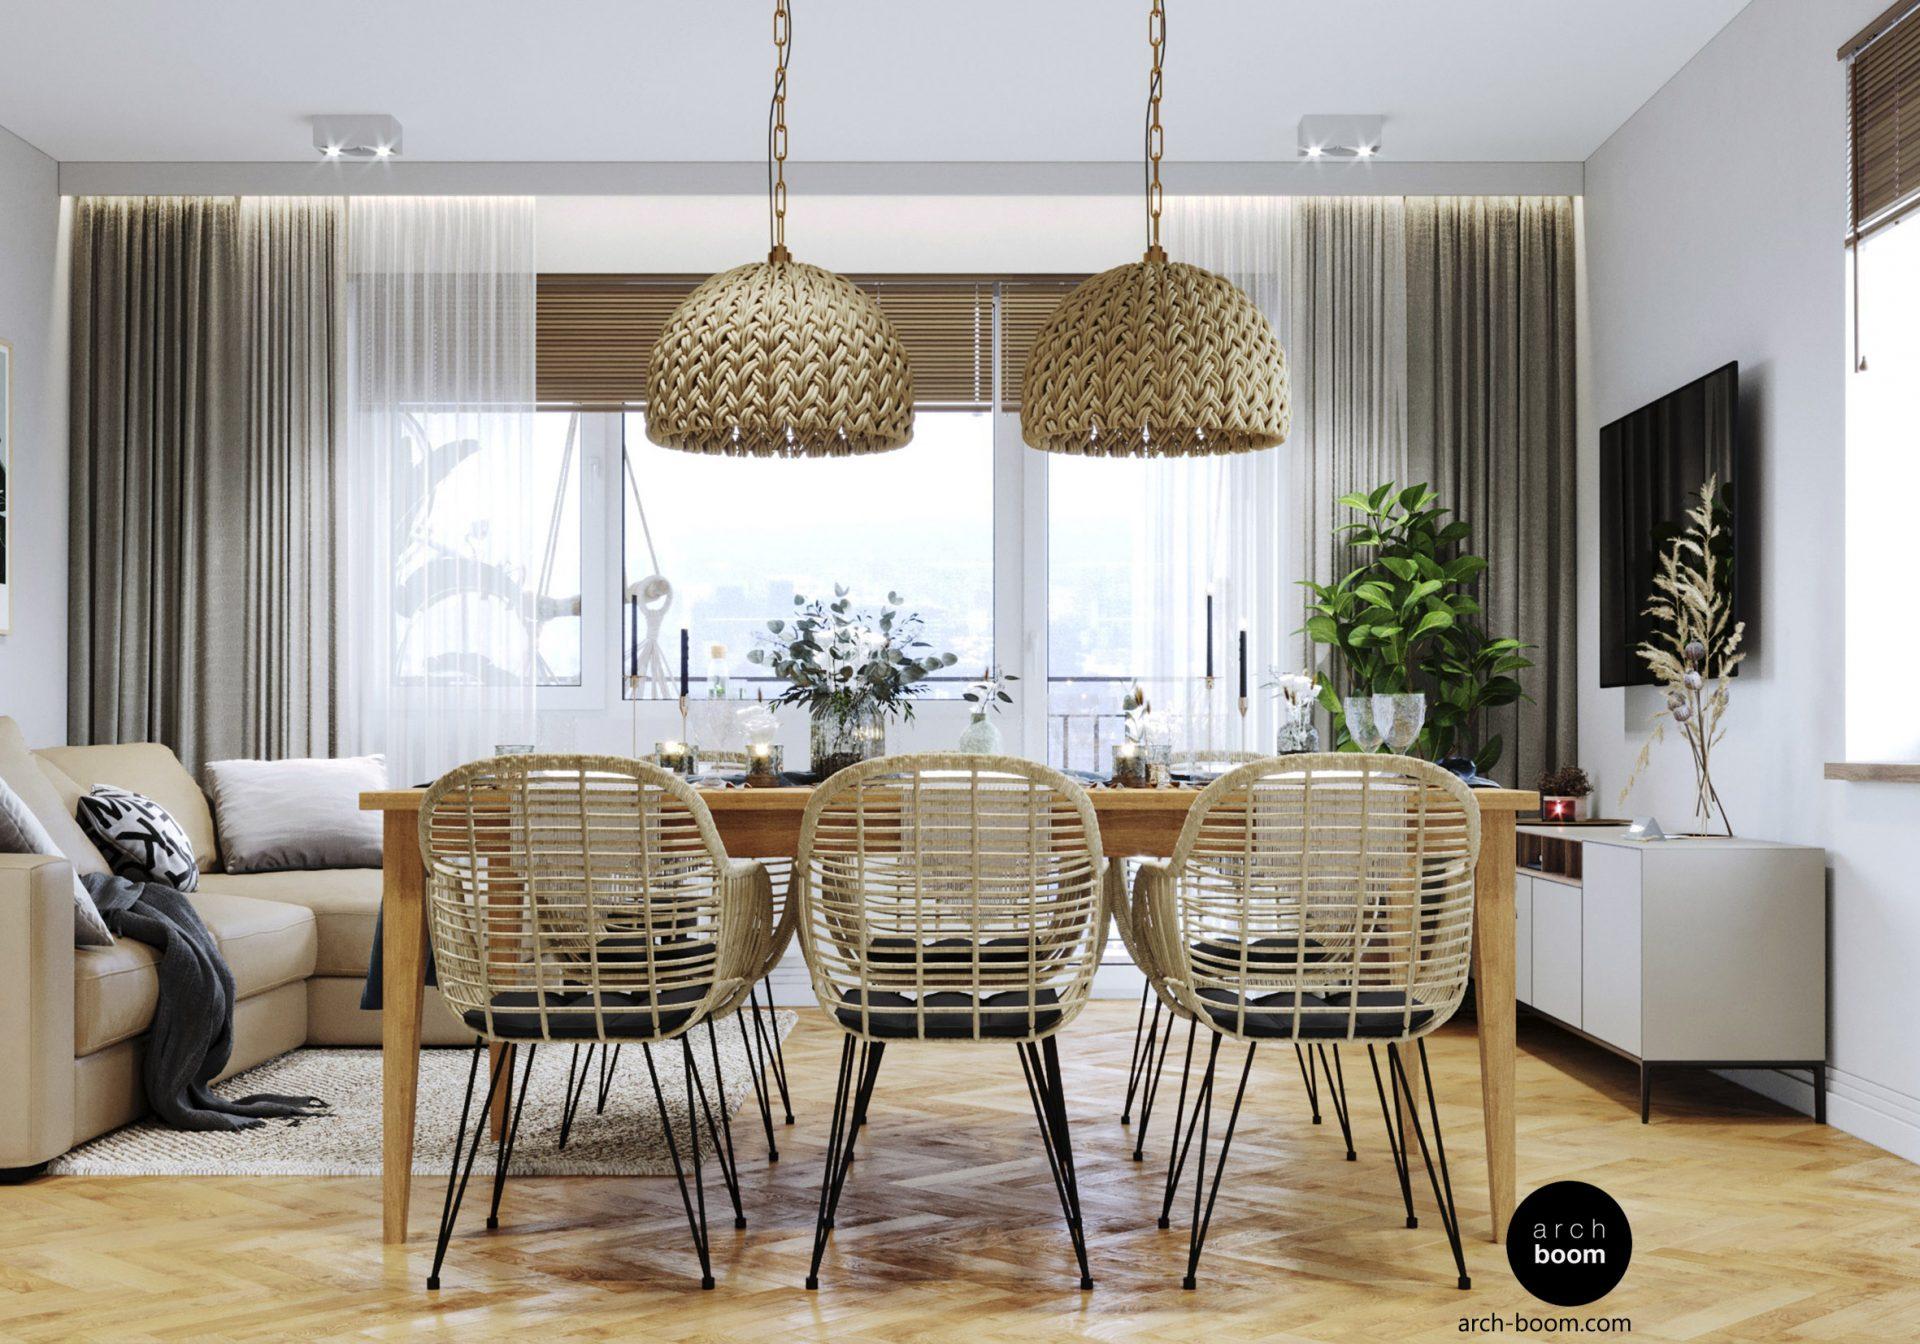 wnętrze salonu ze stołem jadalnianym w stylu boho z wiklinowymi krzesłami i lampami